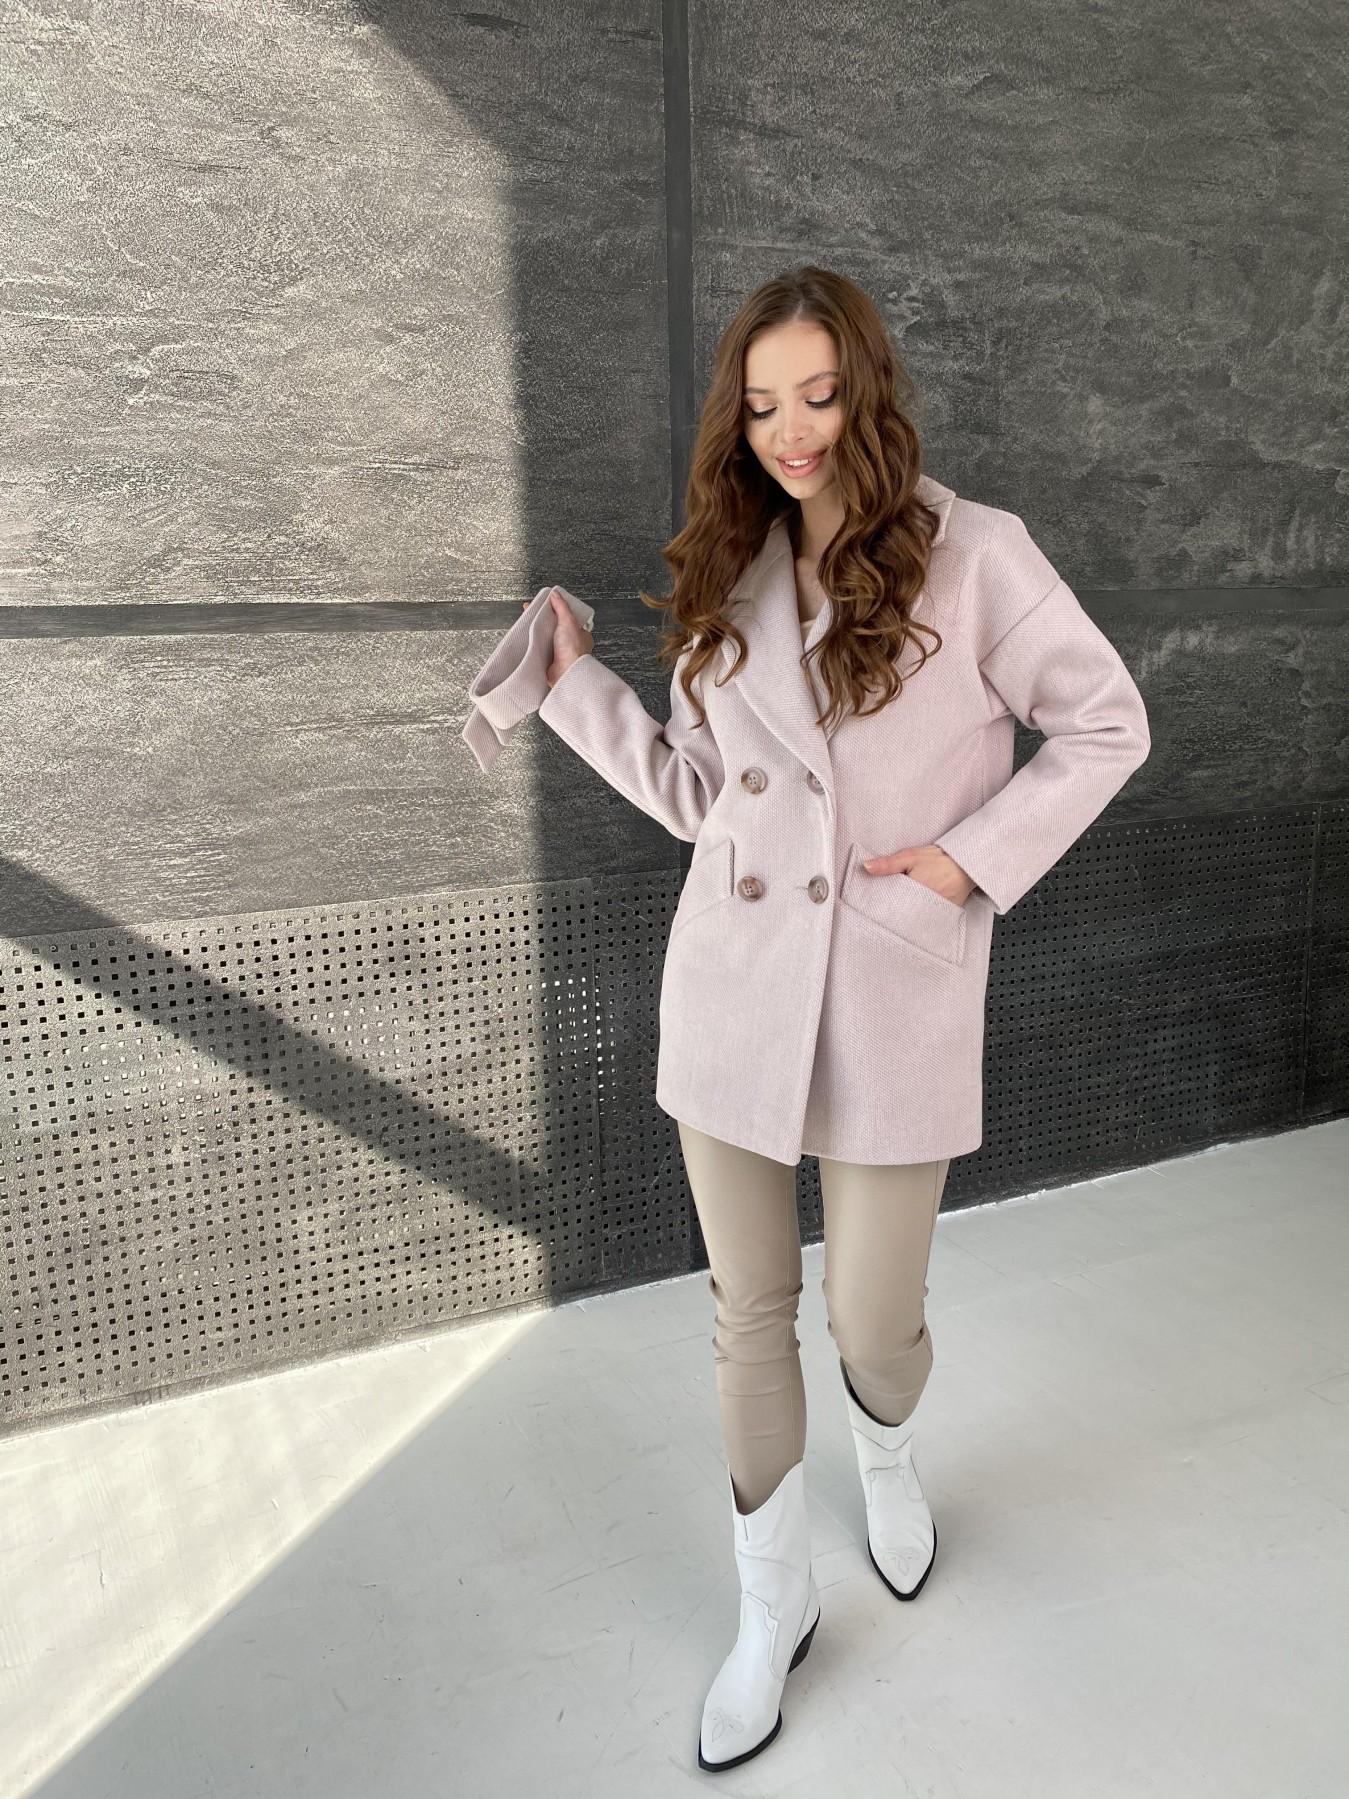 Бонд Флеш пальто из пальтовой ткани 10768 АРТ. 47195 Цвет: Пудра - фото 2, интернет магазин tm-modus.ru